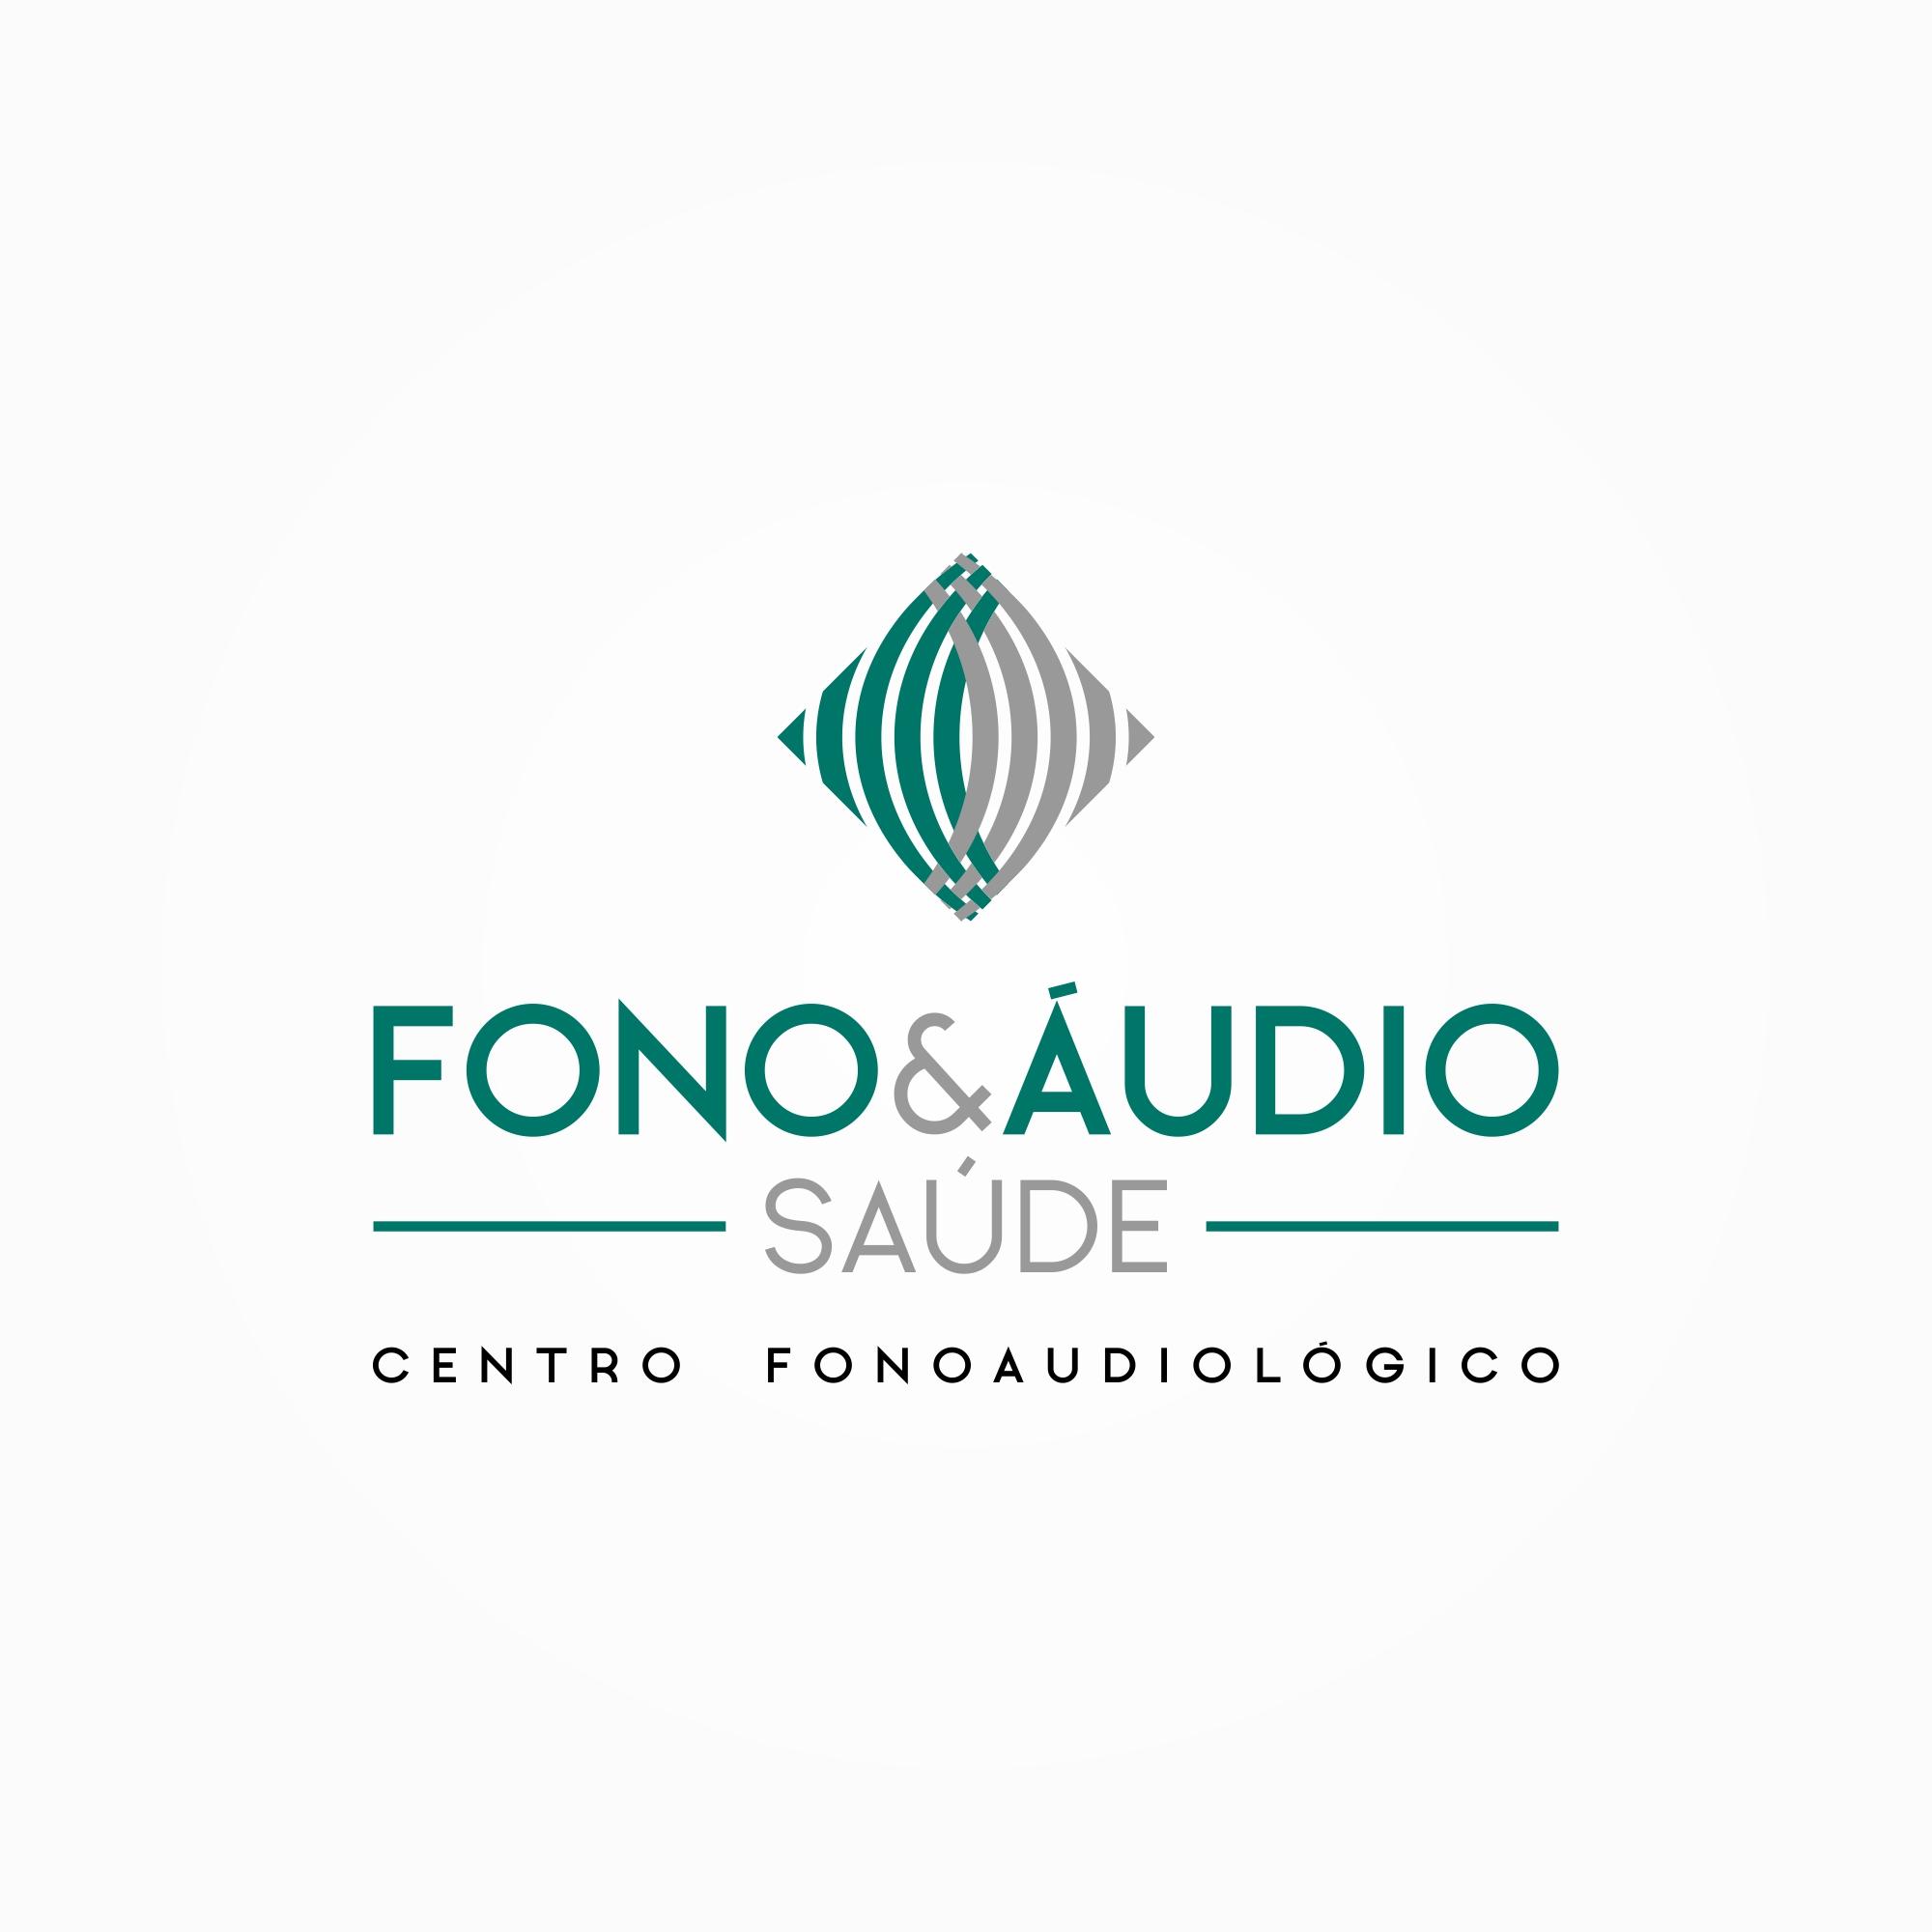 FONO & ÁUDIO SAÚDE | Brands of the World™ | Download vector